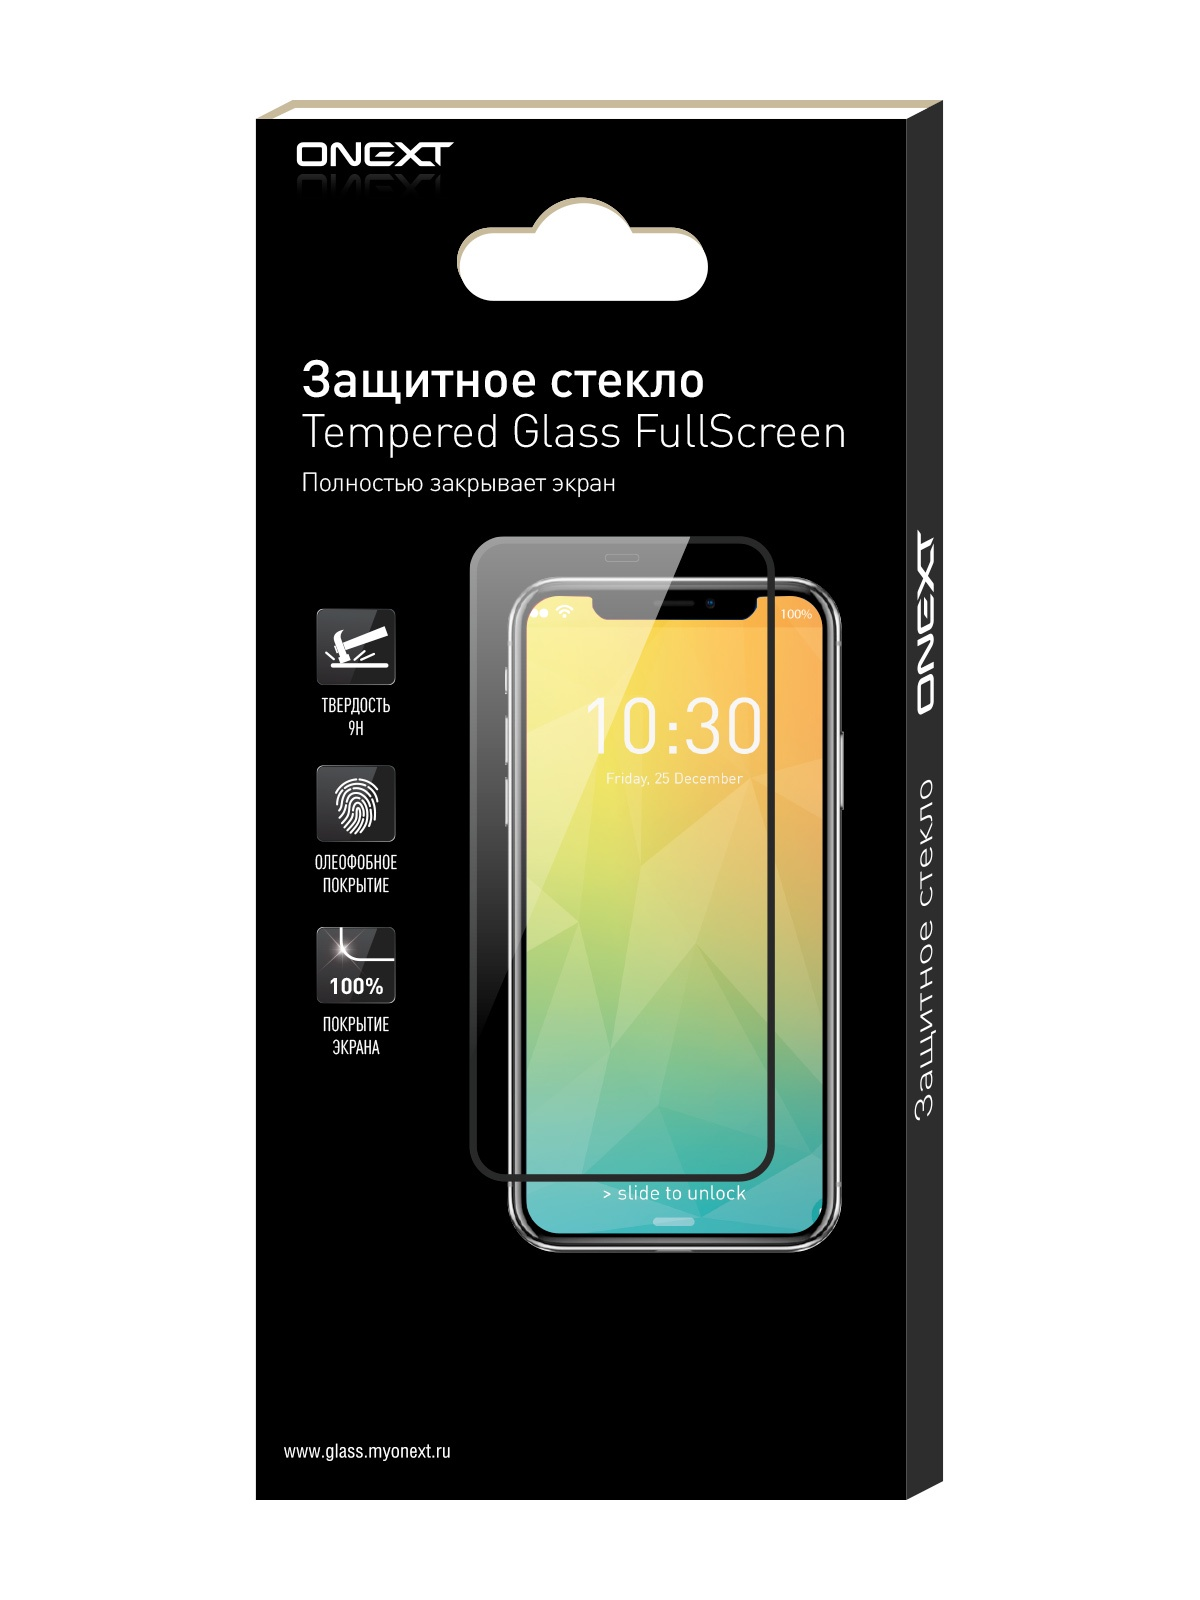 Защитное стекло ONEXT Huawei P Smart, с рамкой ( 2019) защитное стекло onext для huawei p10 lite 641 41432 с рамкой белый